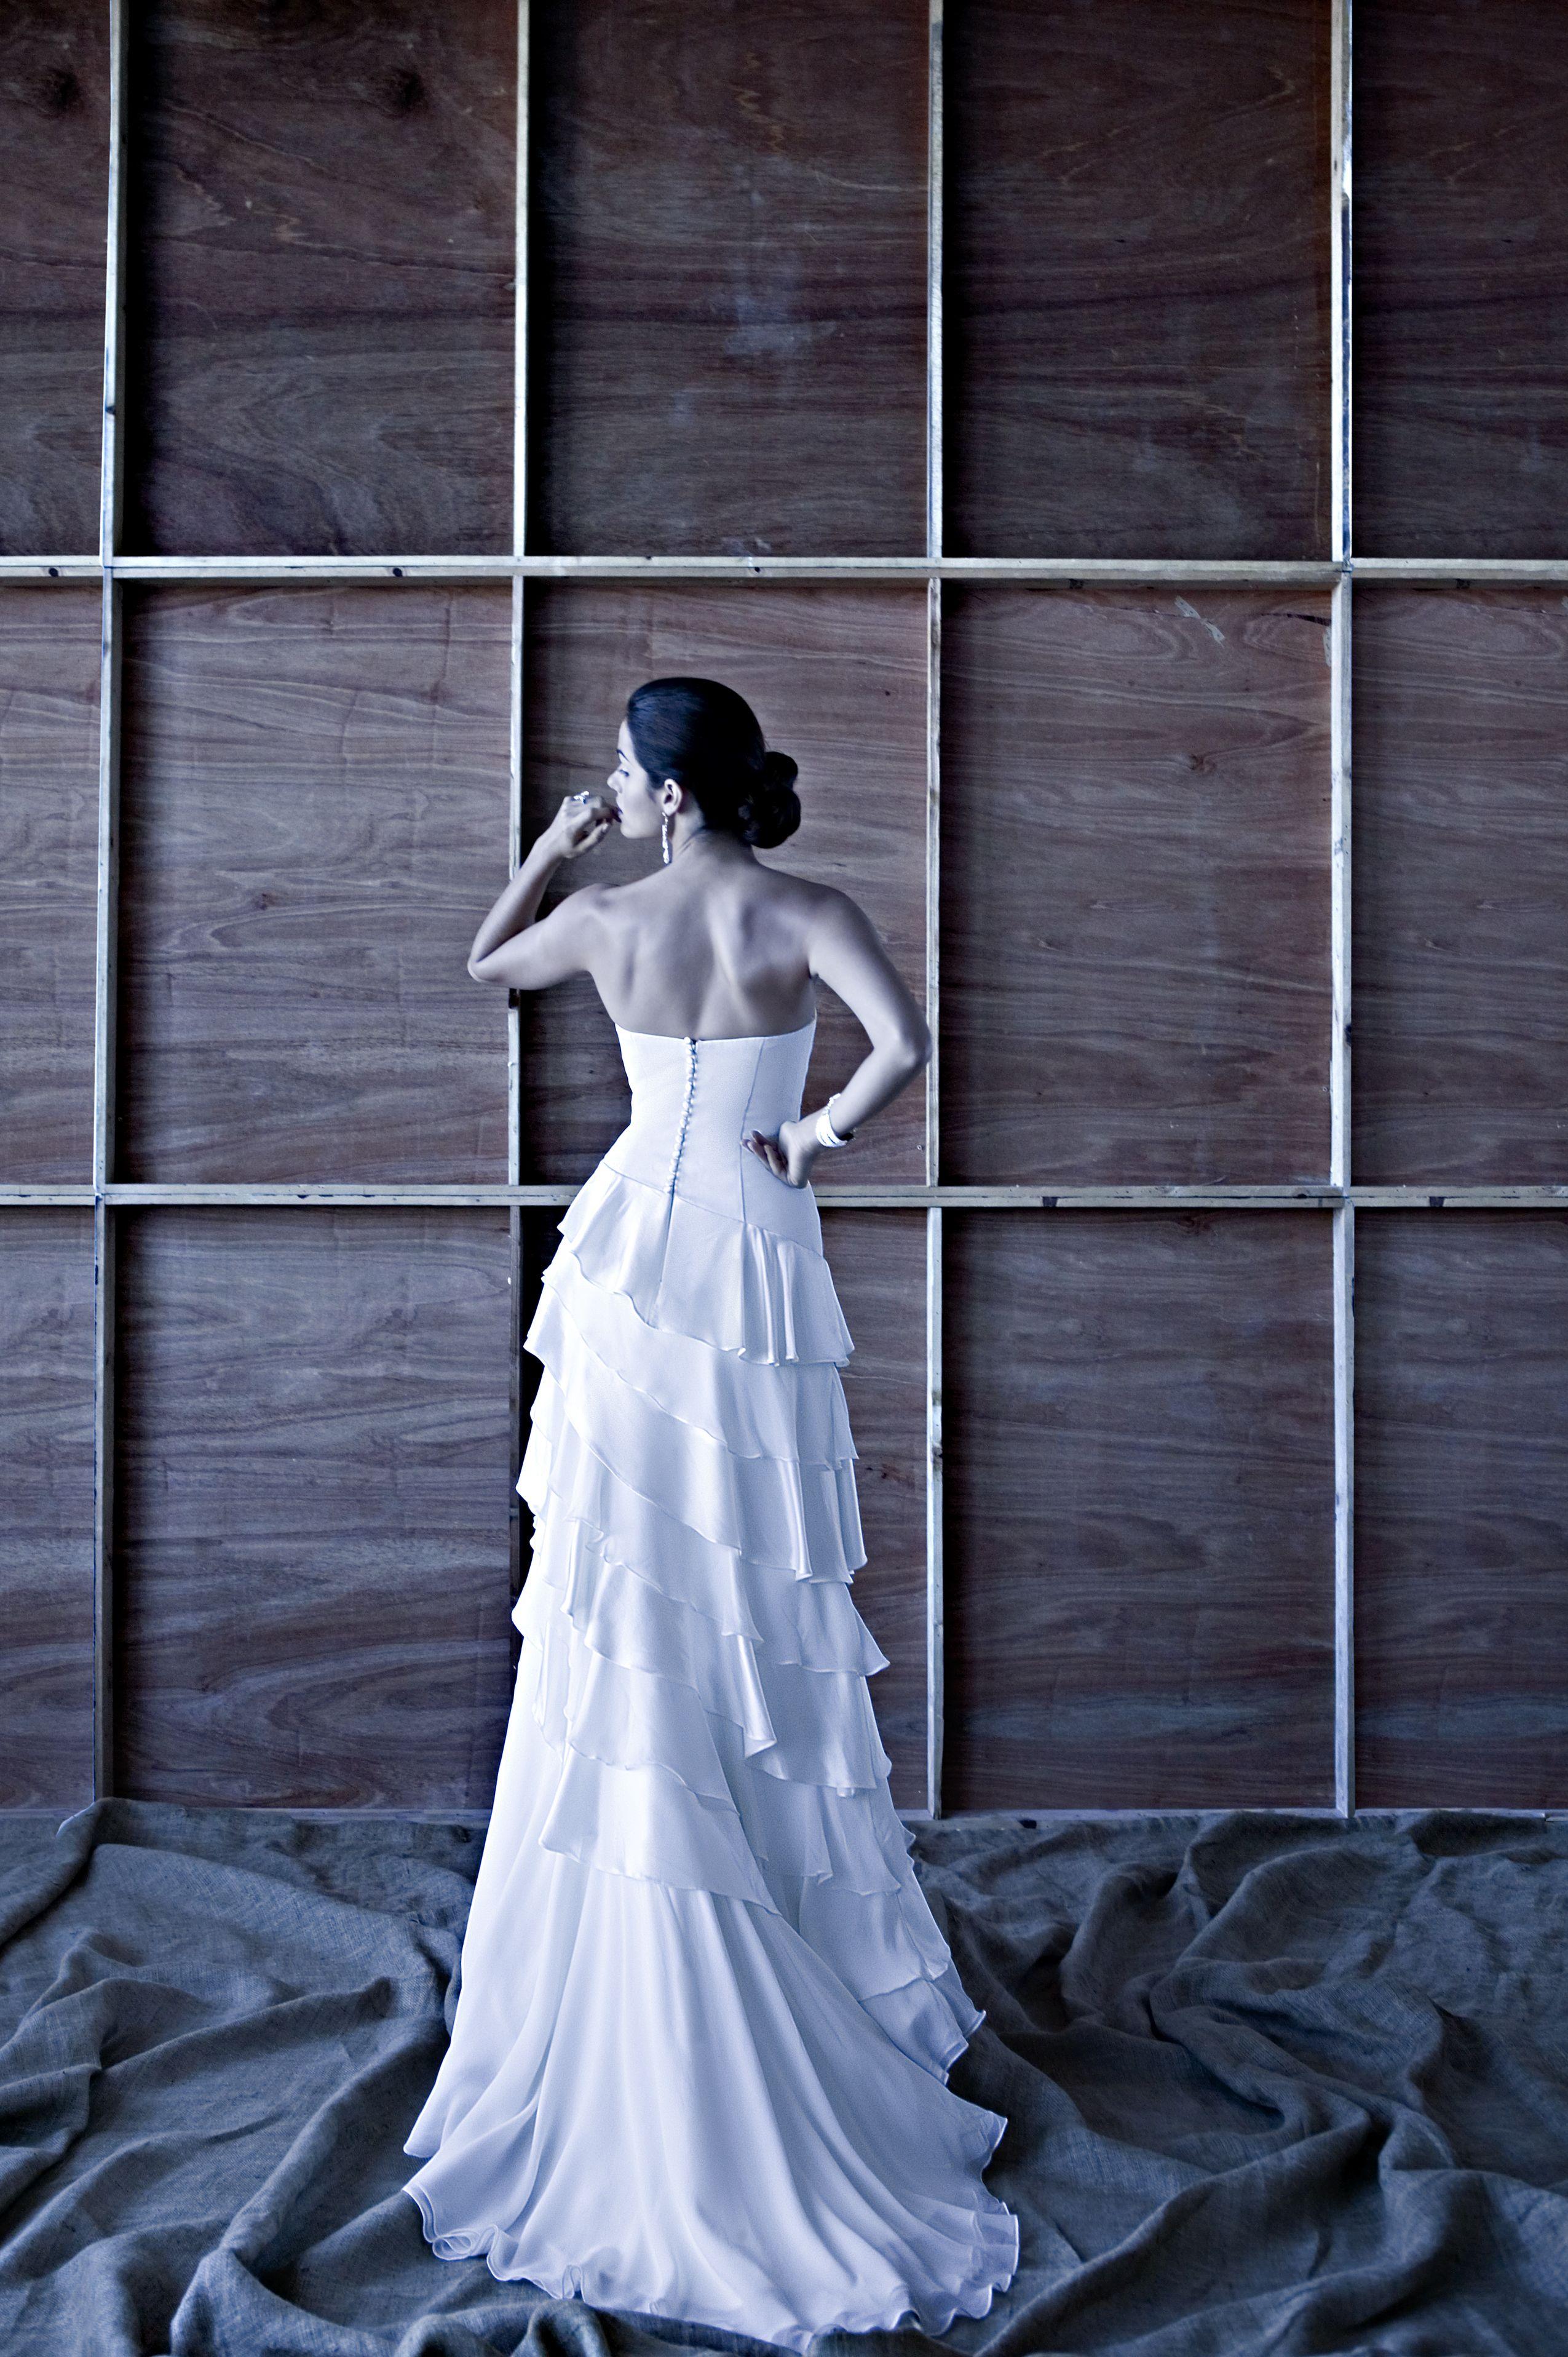 Matthew Christopher 'Flirt' #weddinggowns #weddingdresses #designergowns #designerweddinggowns